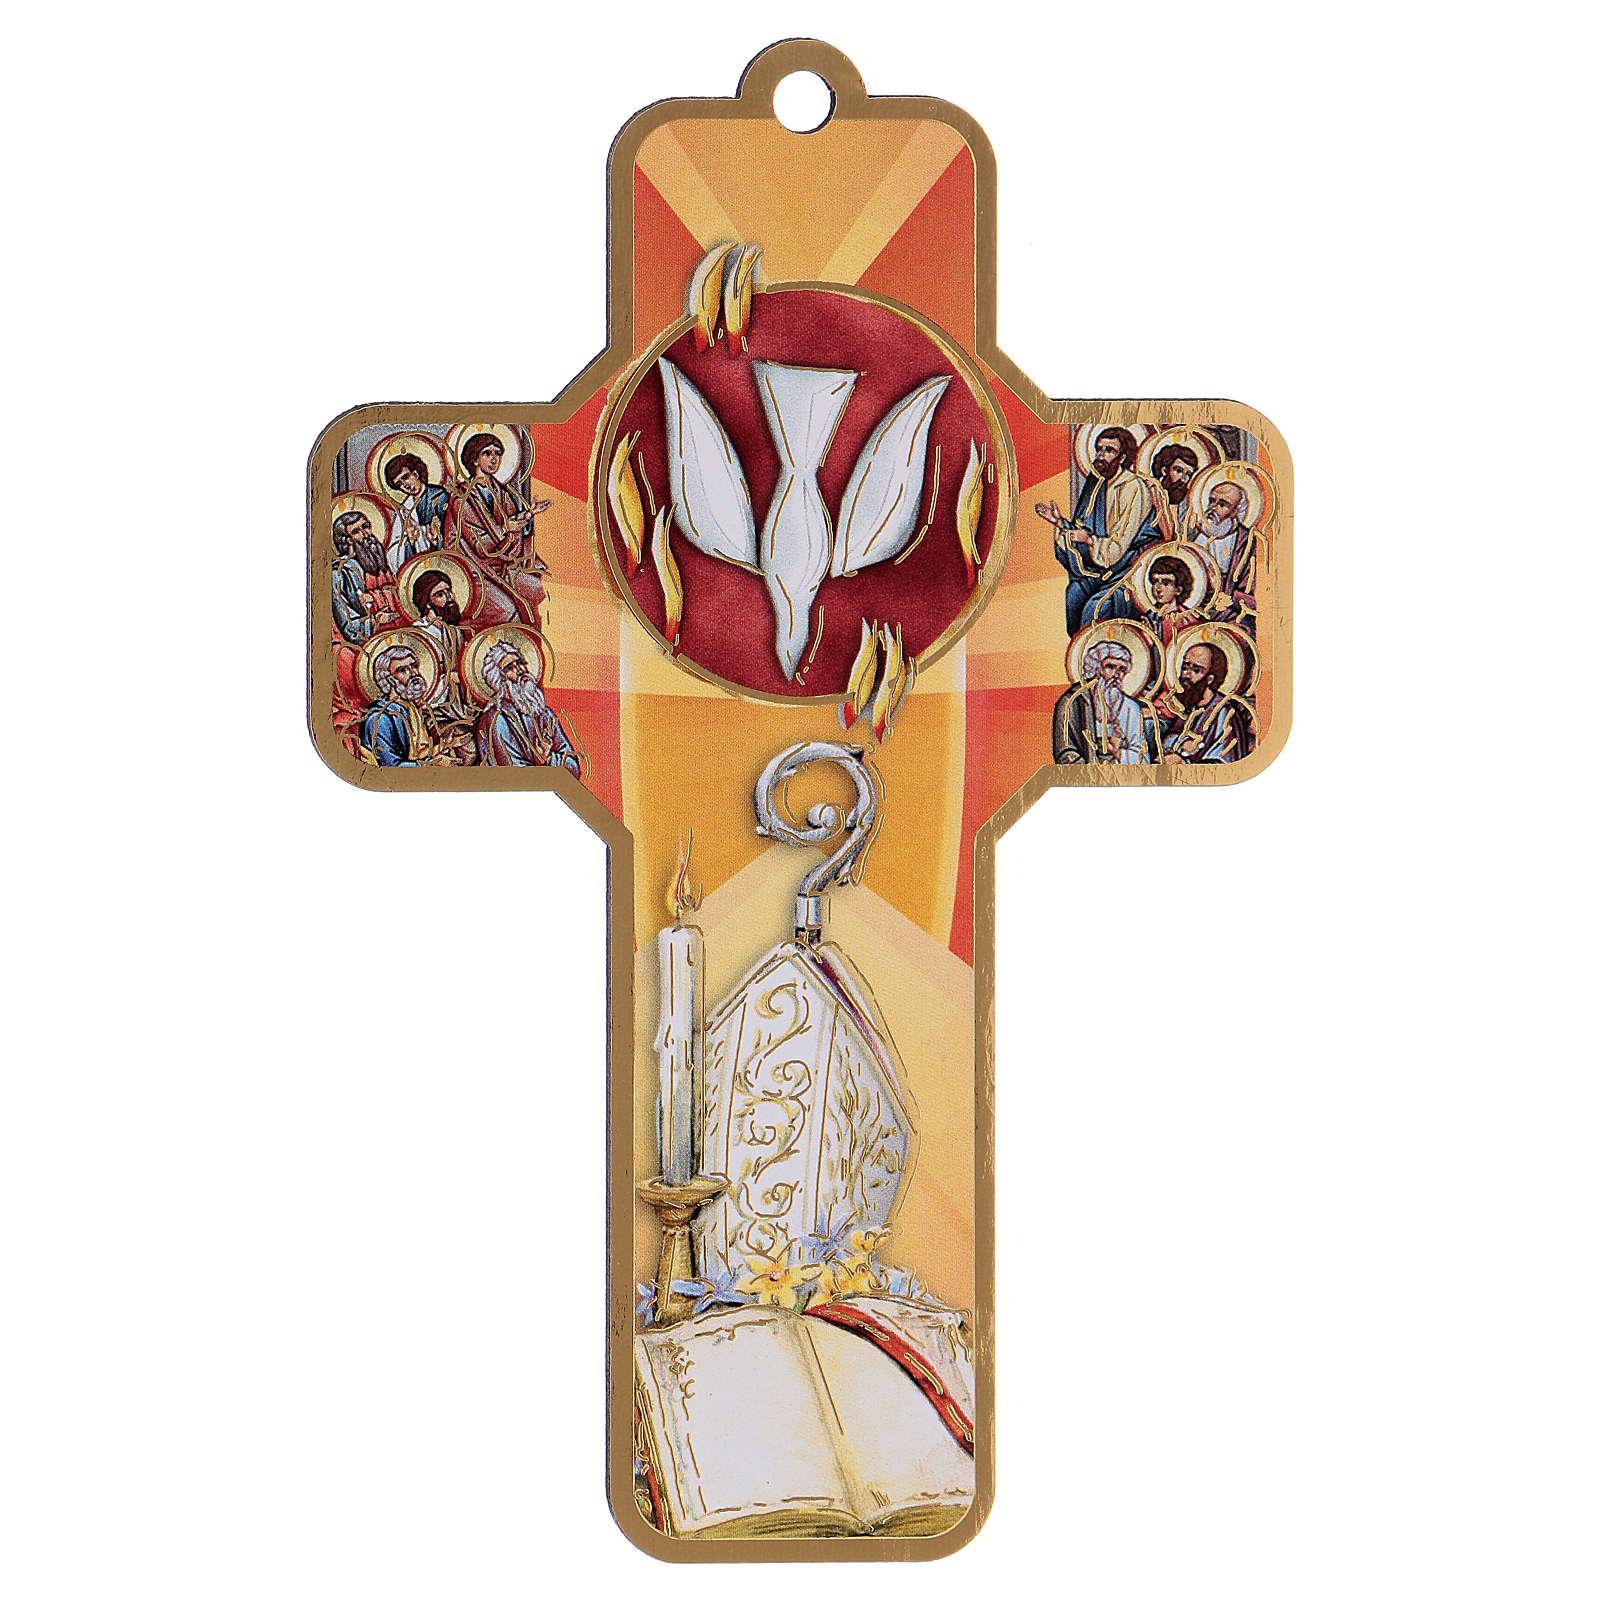 Recuerdo de los sacramentos confirmación ESPAÑOL 22x12 cm 3